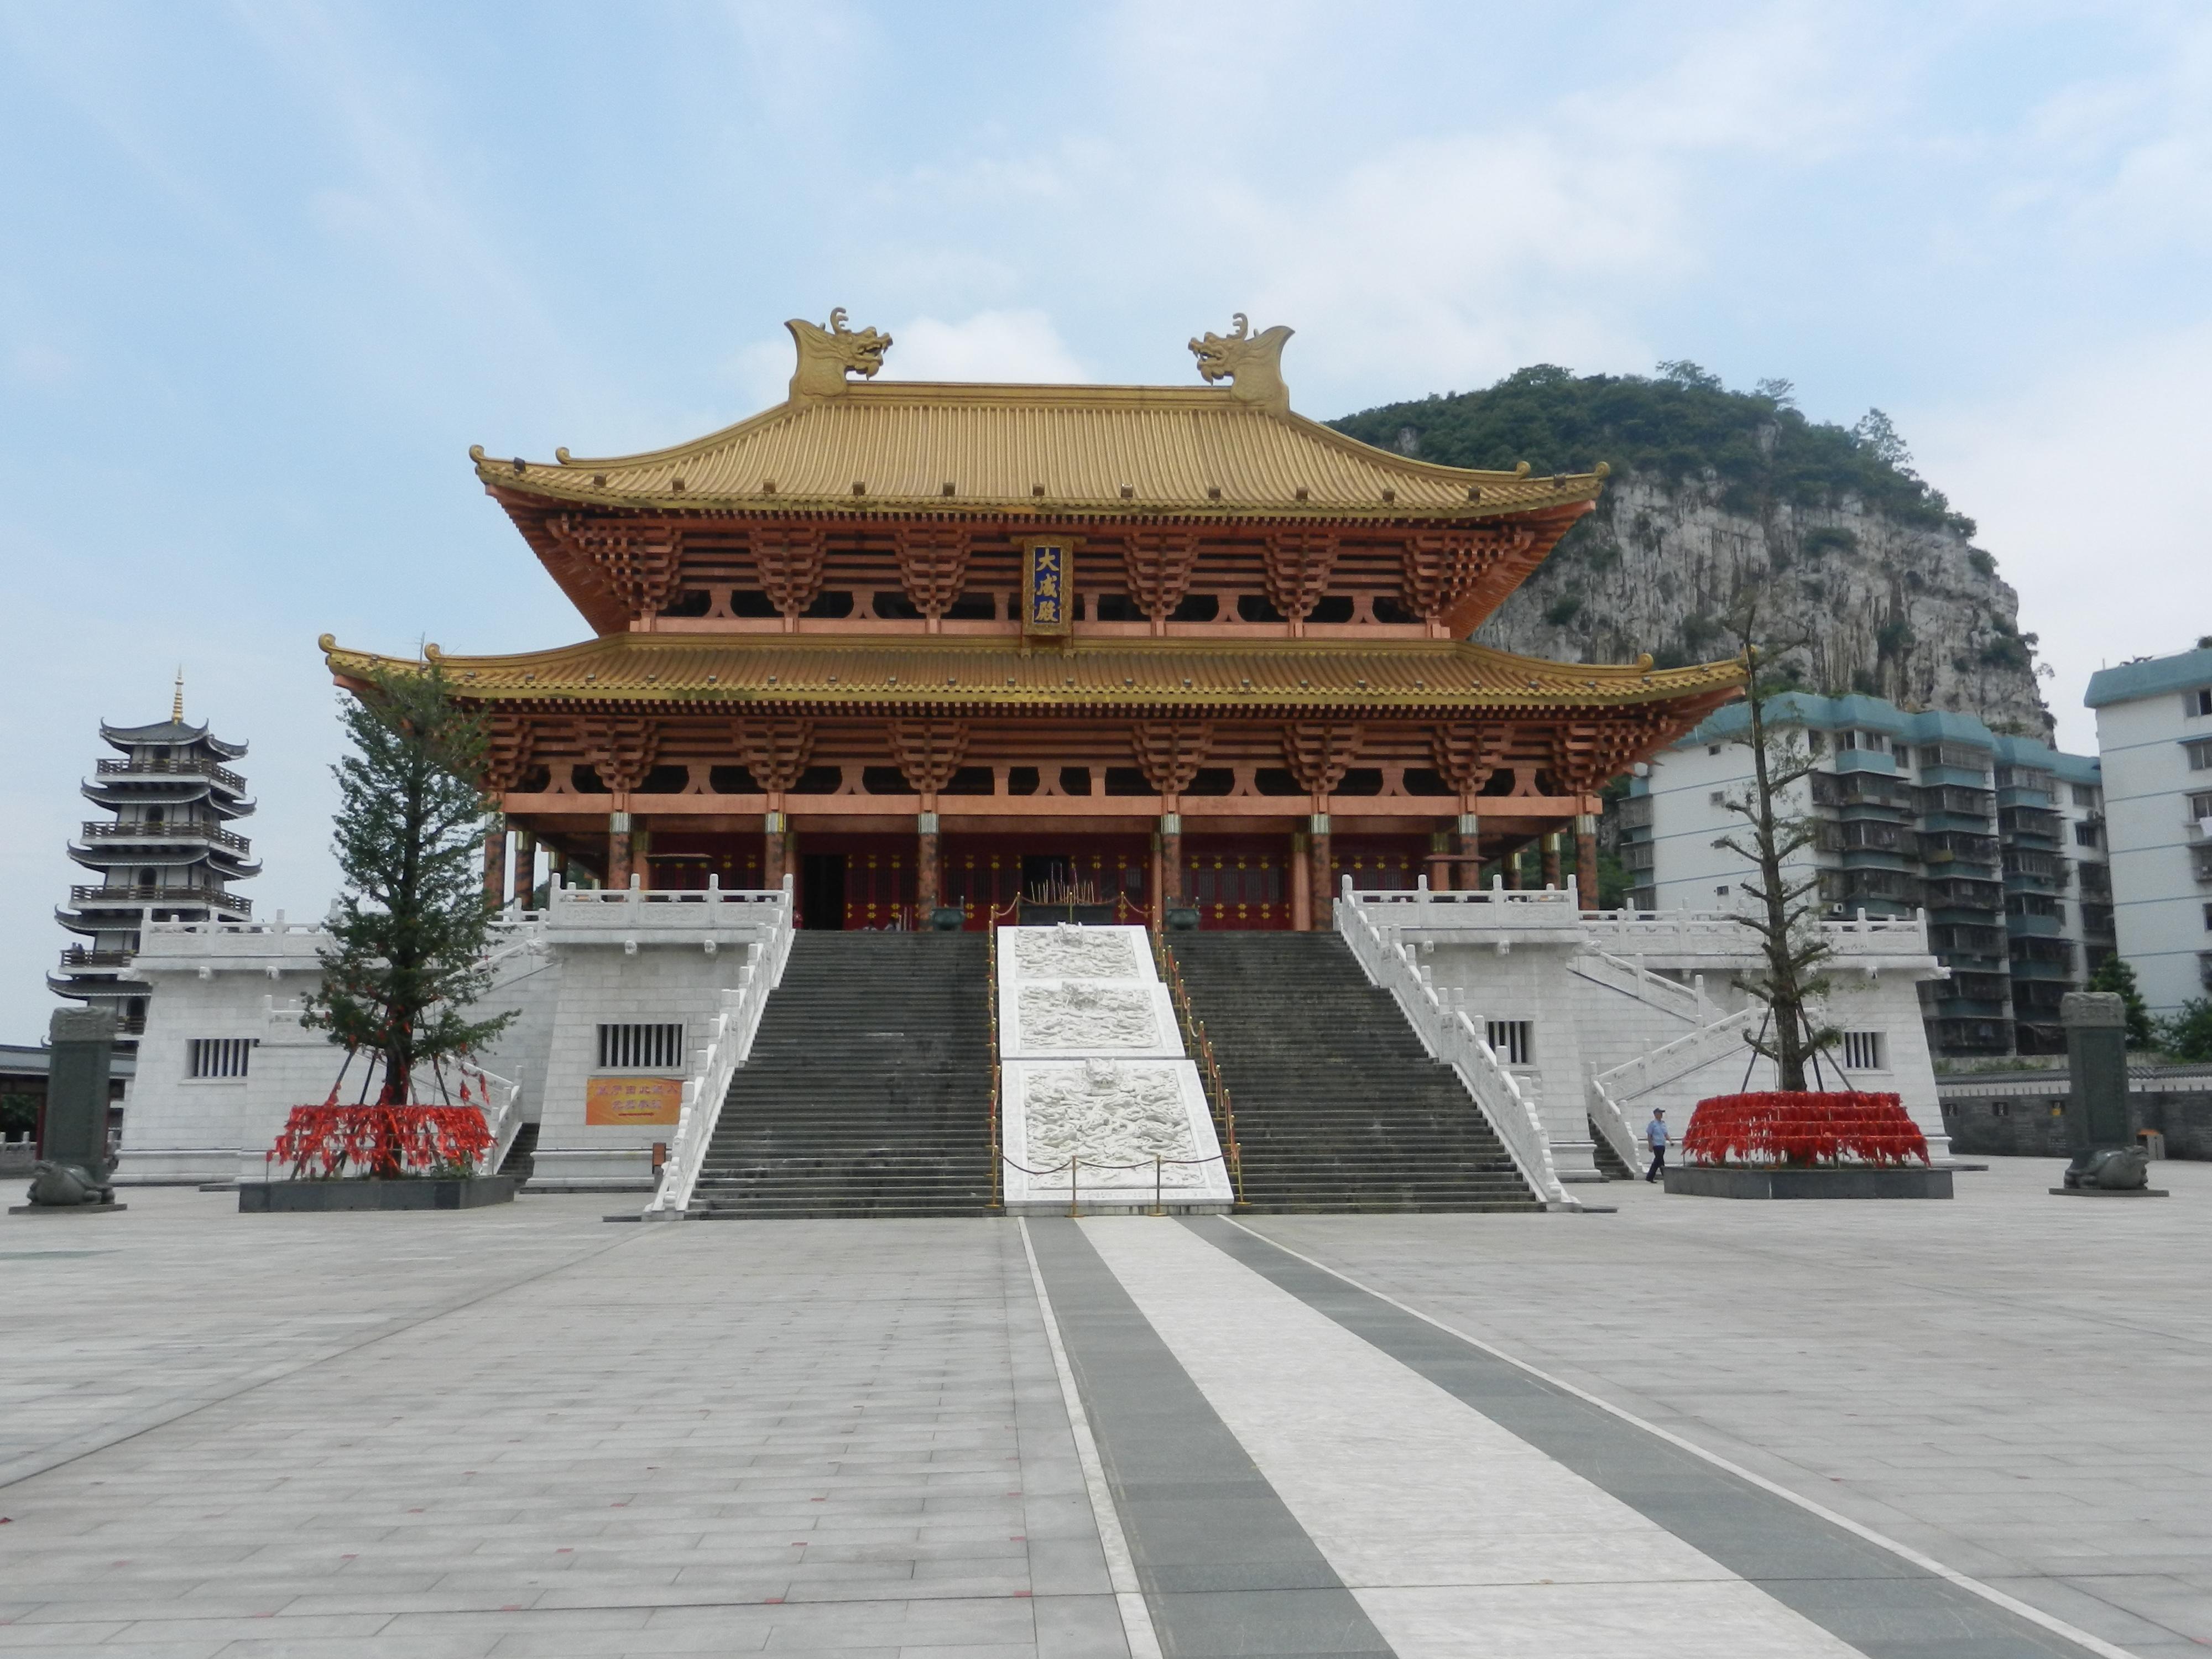 Liuzhou's Temple of Confucius | Wanderlust Wonderings